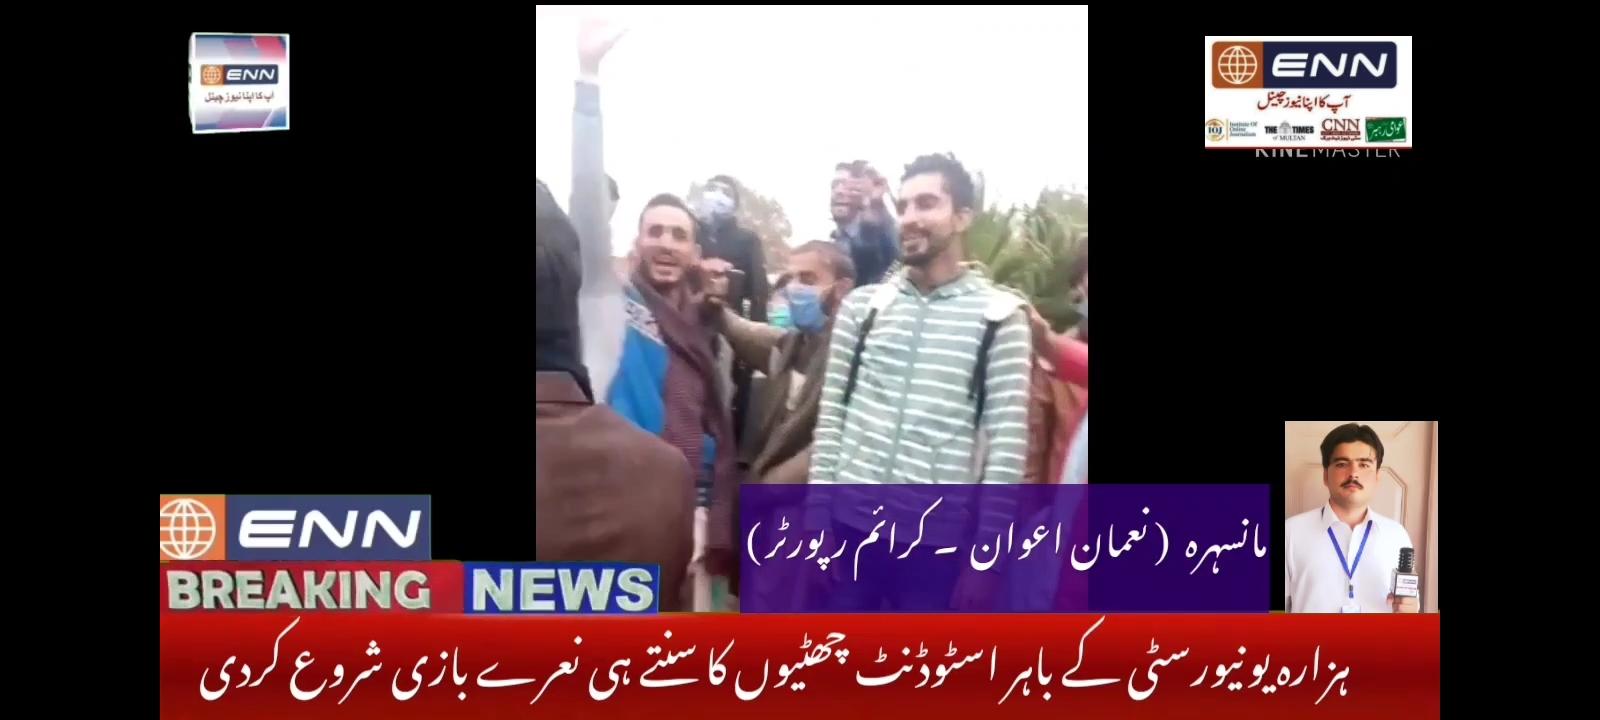 ہزارہ یونیورسٹی کے باہر اسٹوڈنٹ چھٹیوں کا سنتے ہی نعرے بازی شروع